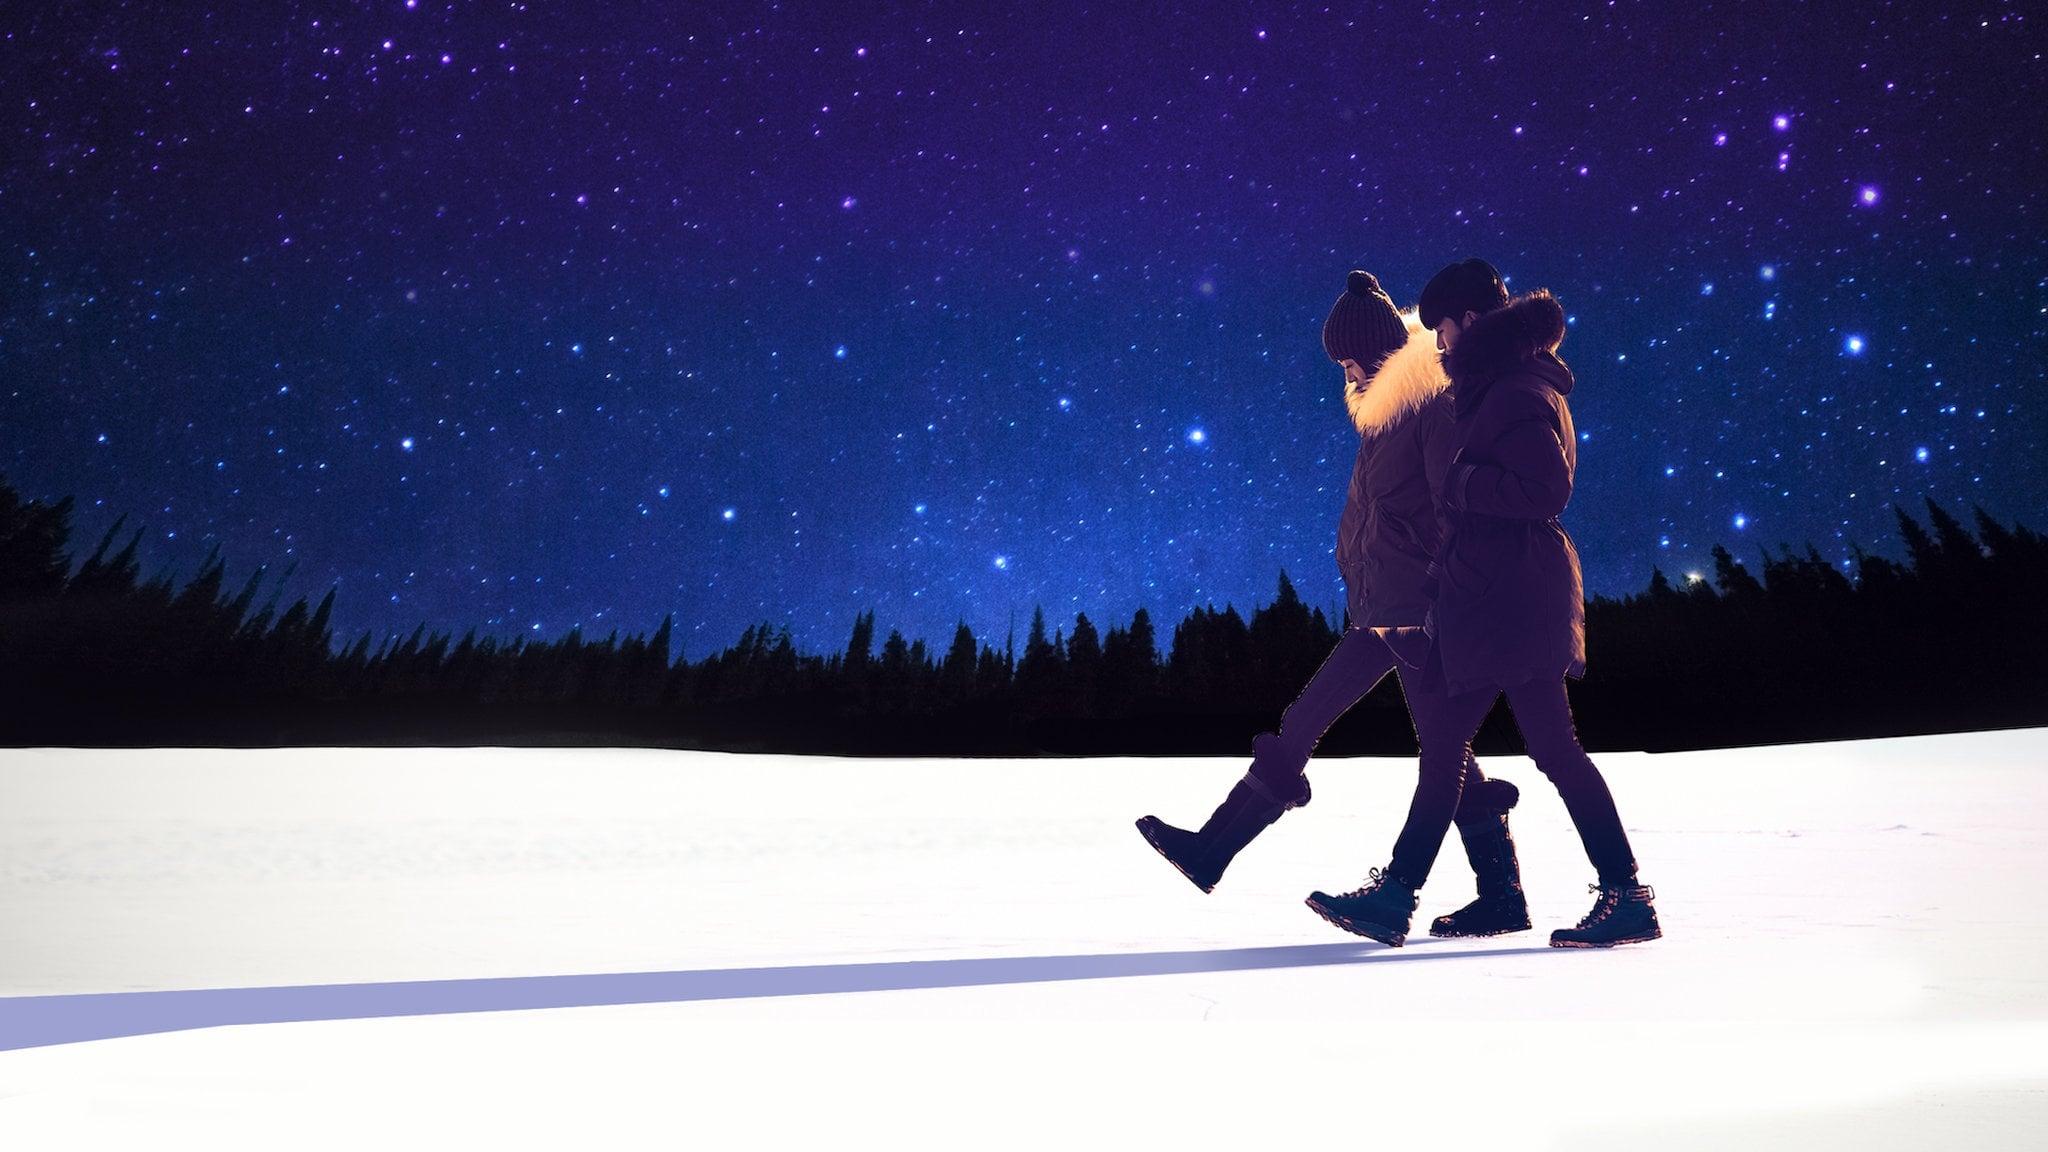 Xem Phim Vì Sao Đưa Anh Tới - My Love From The Star Full Vietsub | Thuyết Minh HD Online